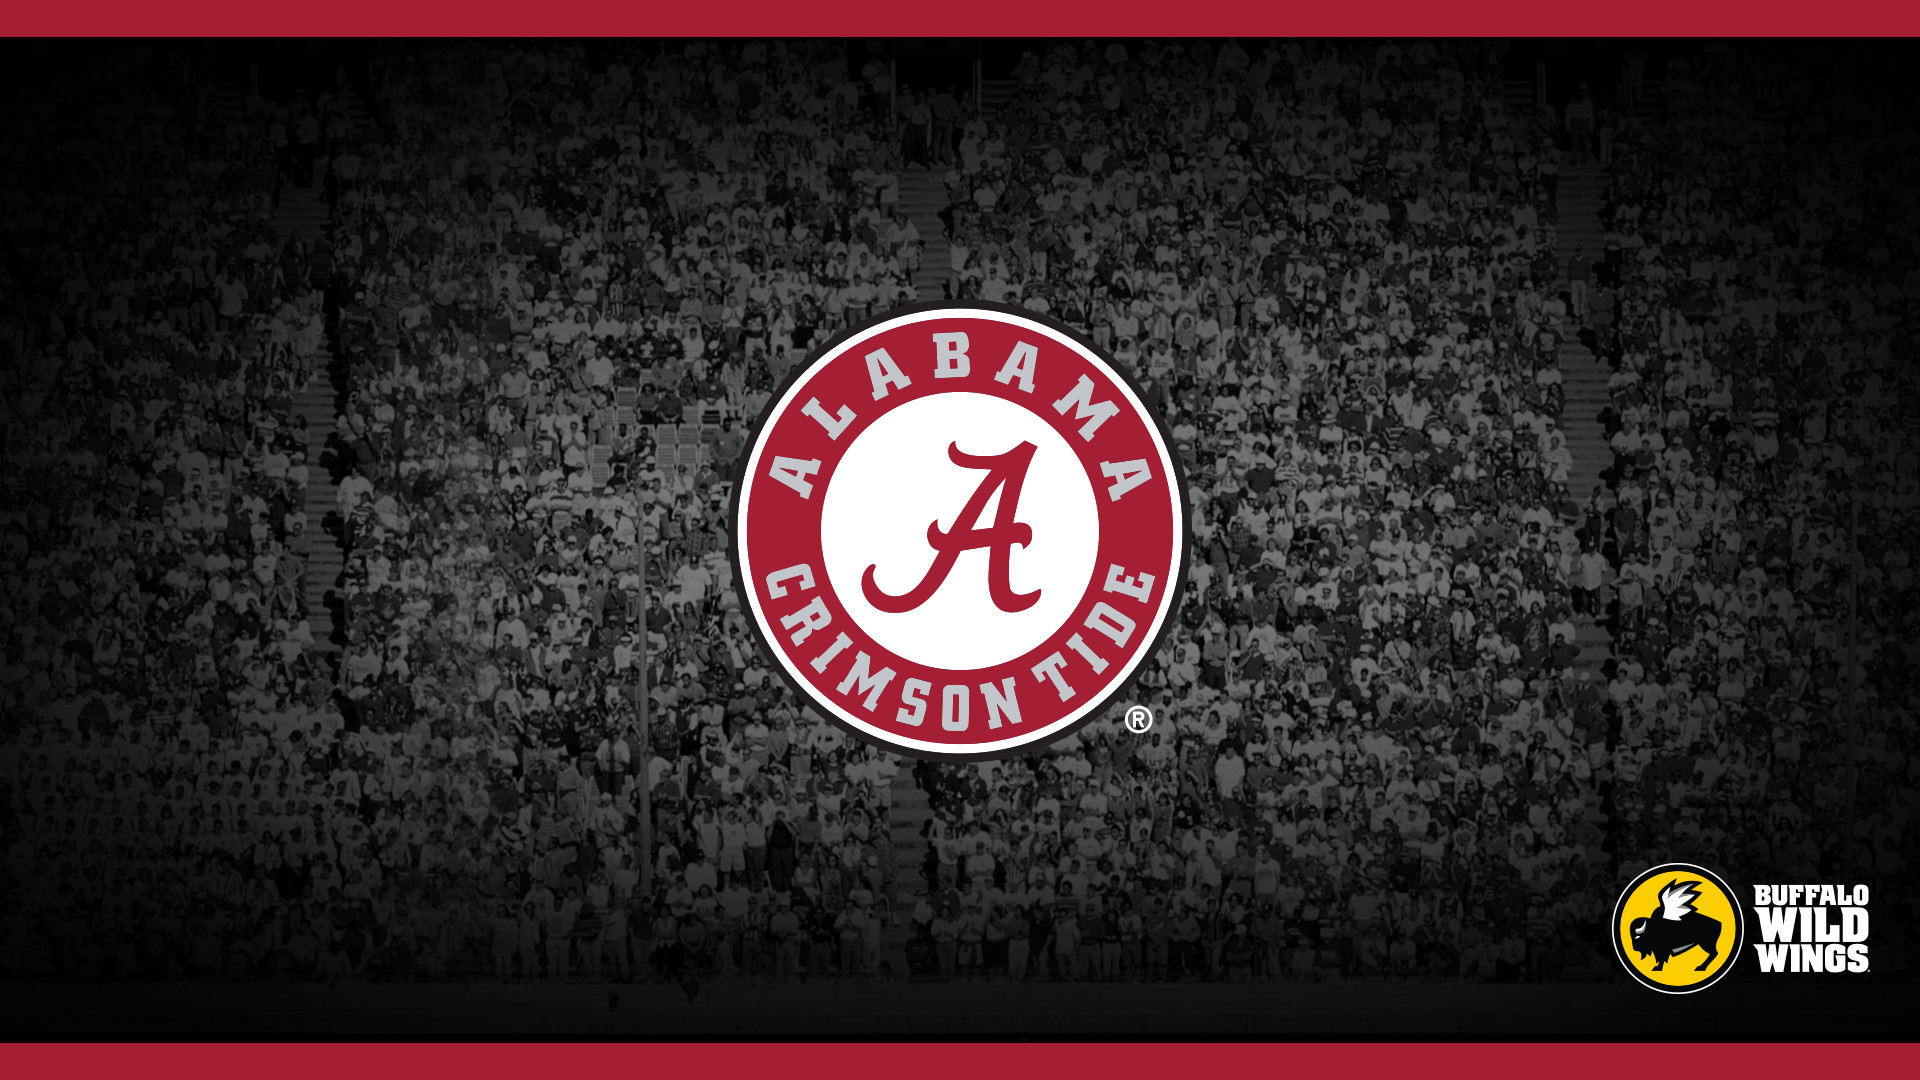 University of alabama wallpapers wallpapertag - Alabama backgrounds ...